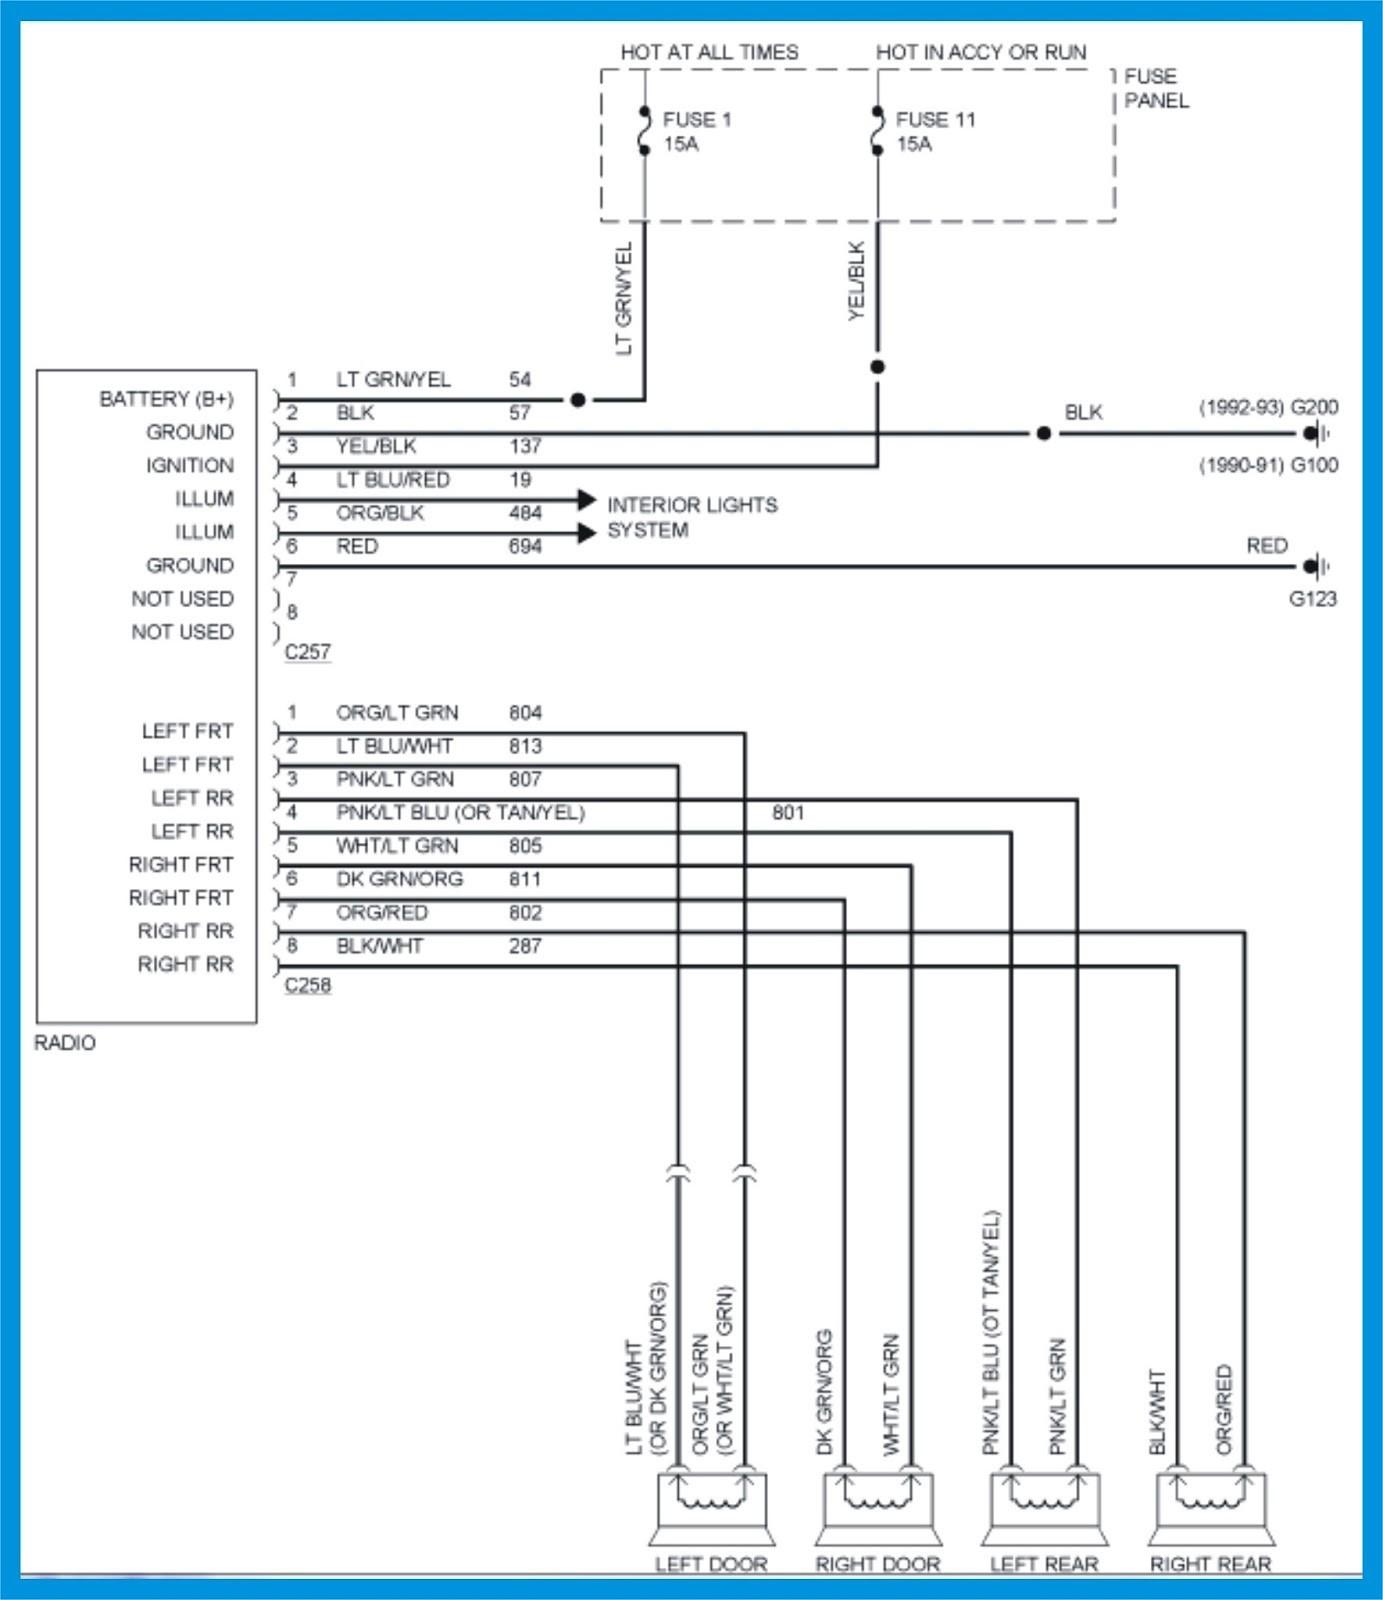 1995 Ranger Radio Wiring Books Of Wiring Diagram \u2022 2000 Ford Radio  Wiring Diagram 94 Ford Radio Wiring